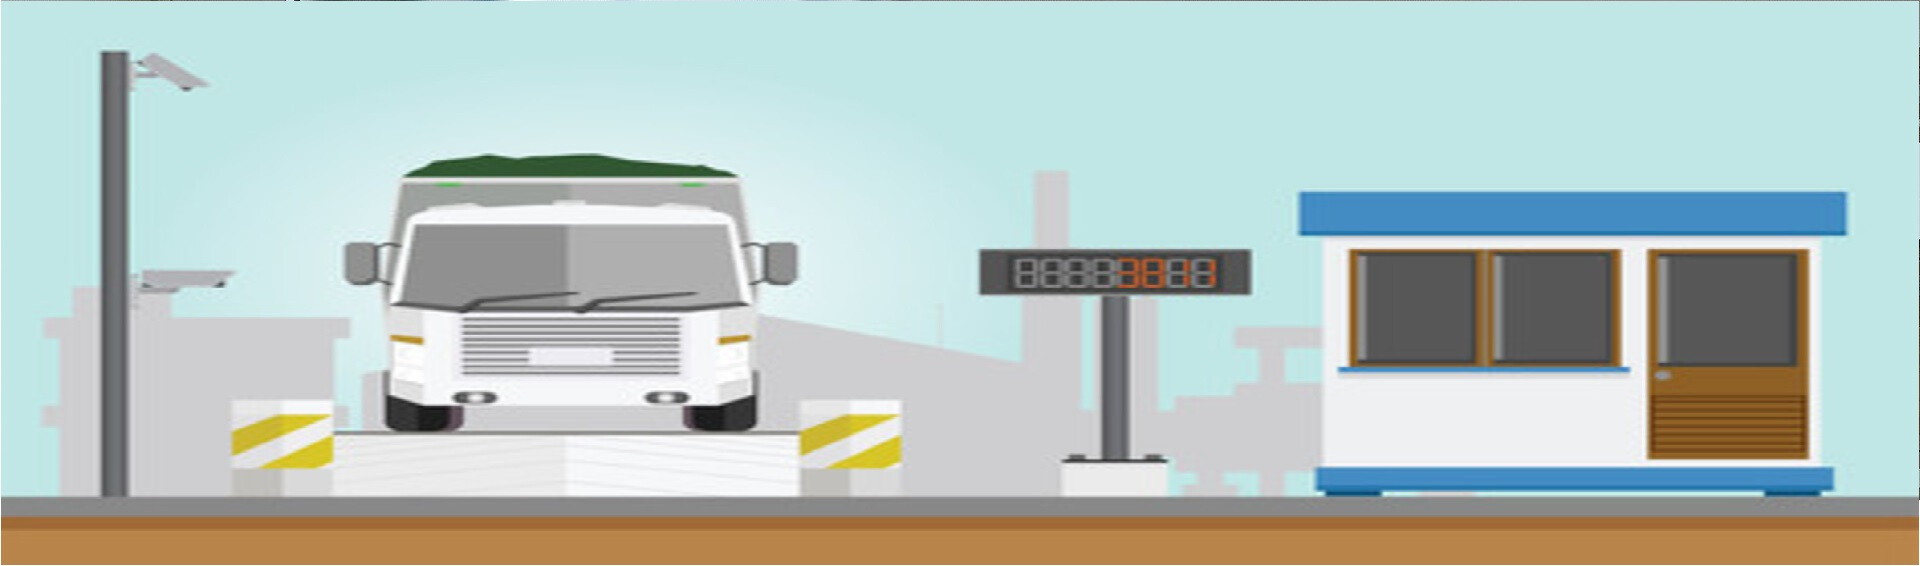 Trạm cân xe tải điện tử